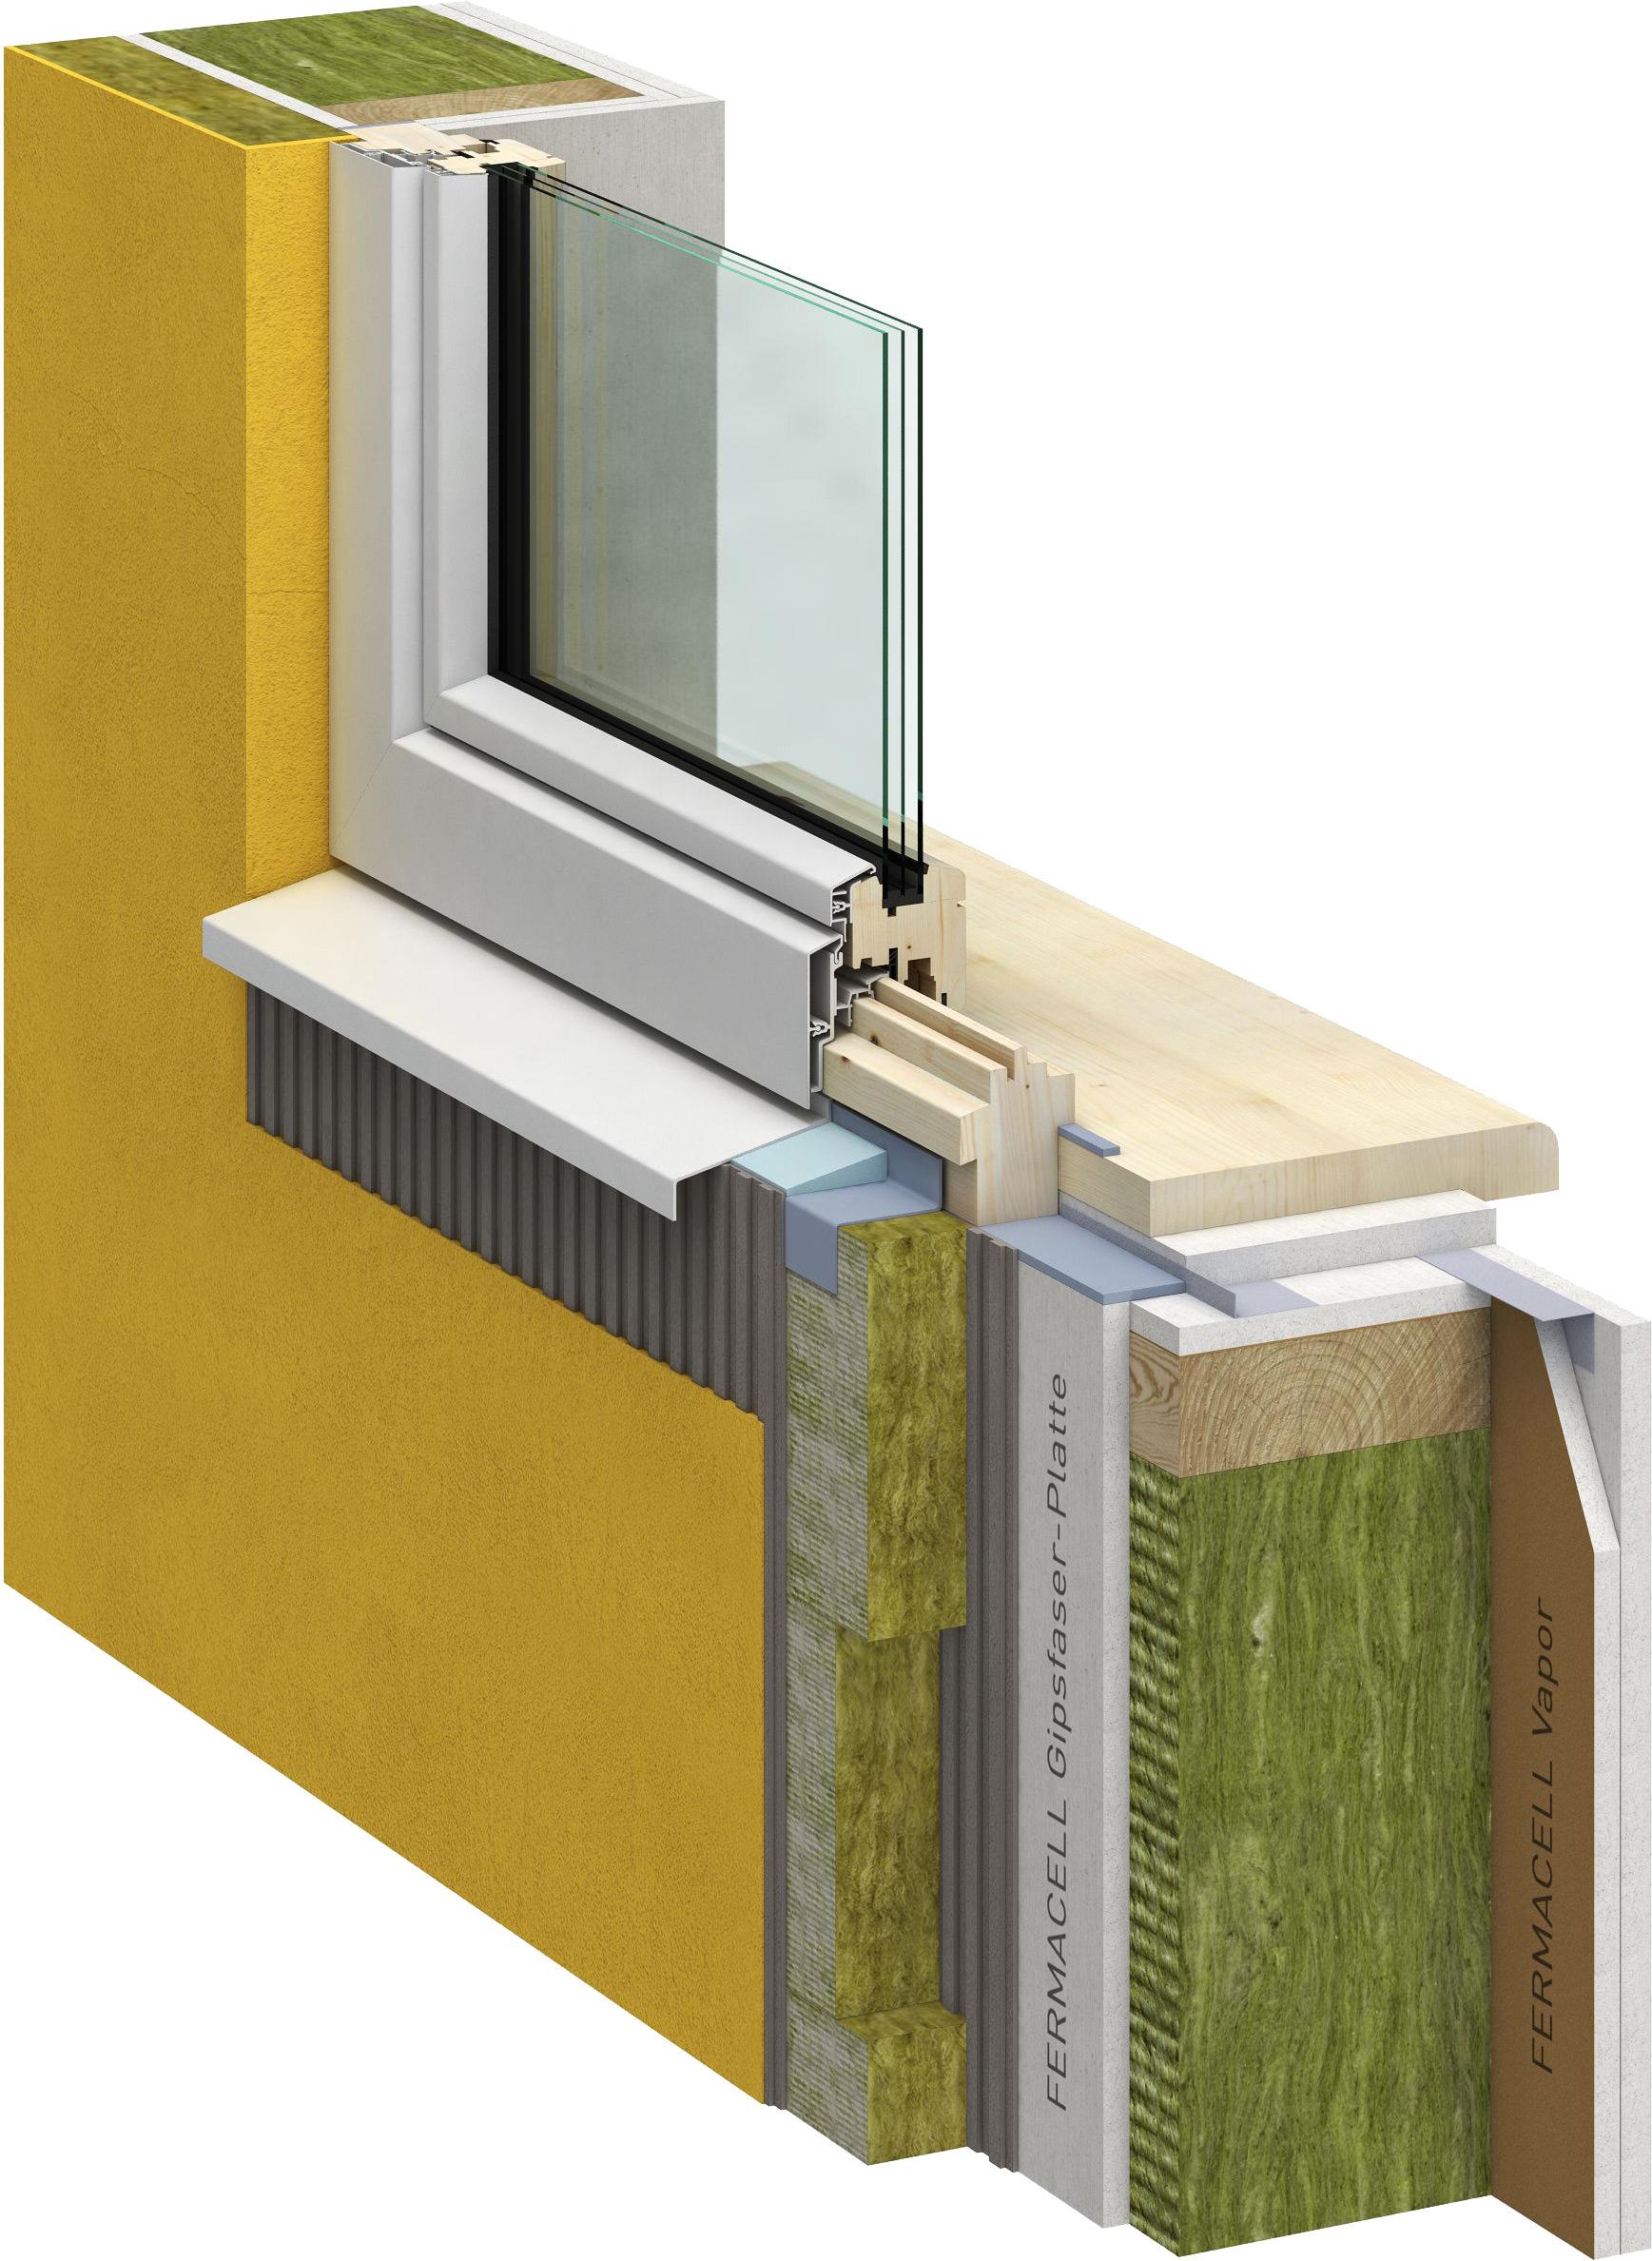 neue decken und wandl sungen von fermacell f r den mehrgeschossigen holzbau. Black Bedroom Furniture Sets. Home Design Ideas